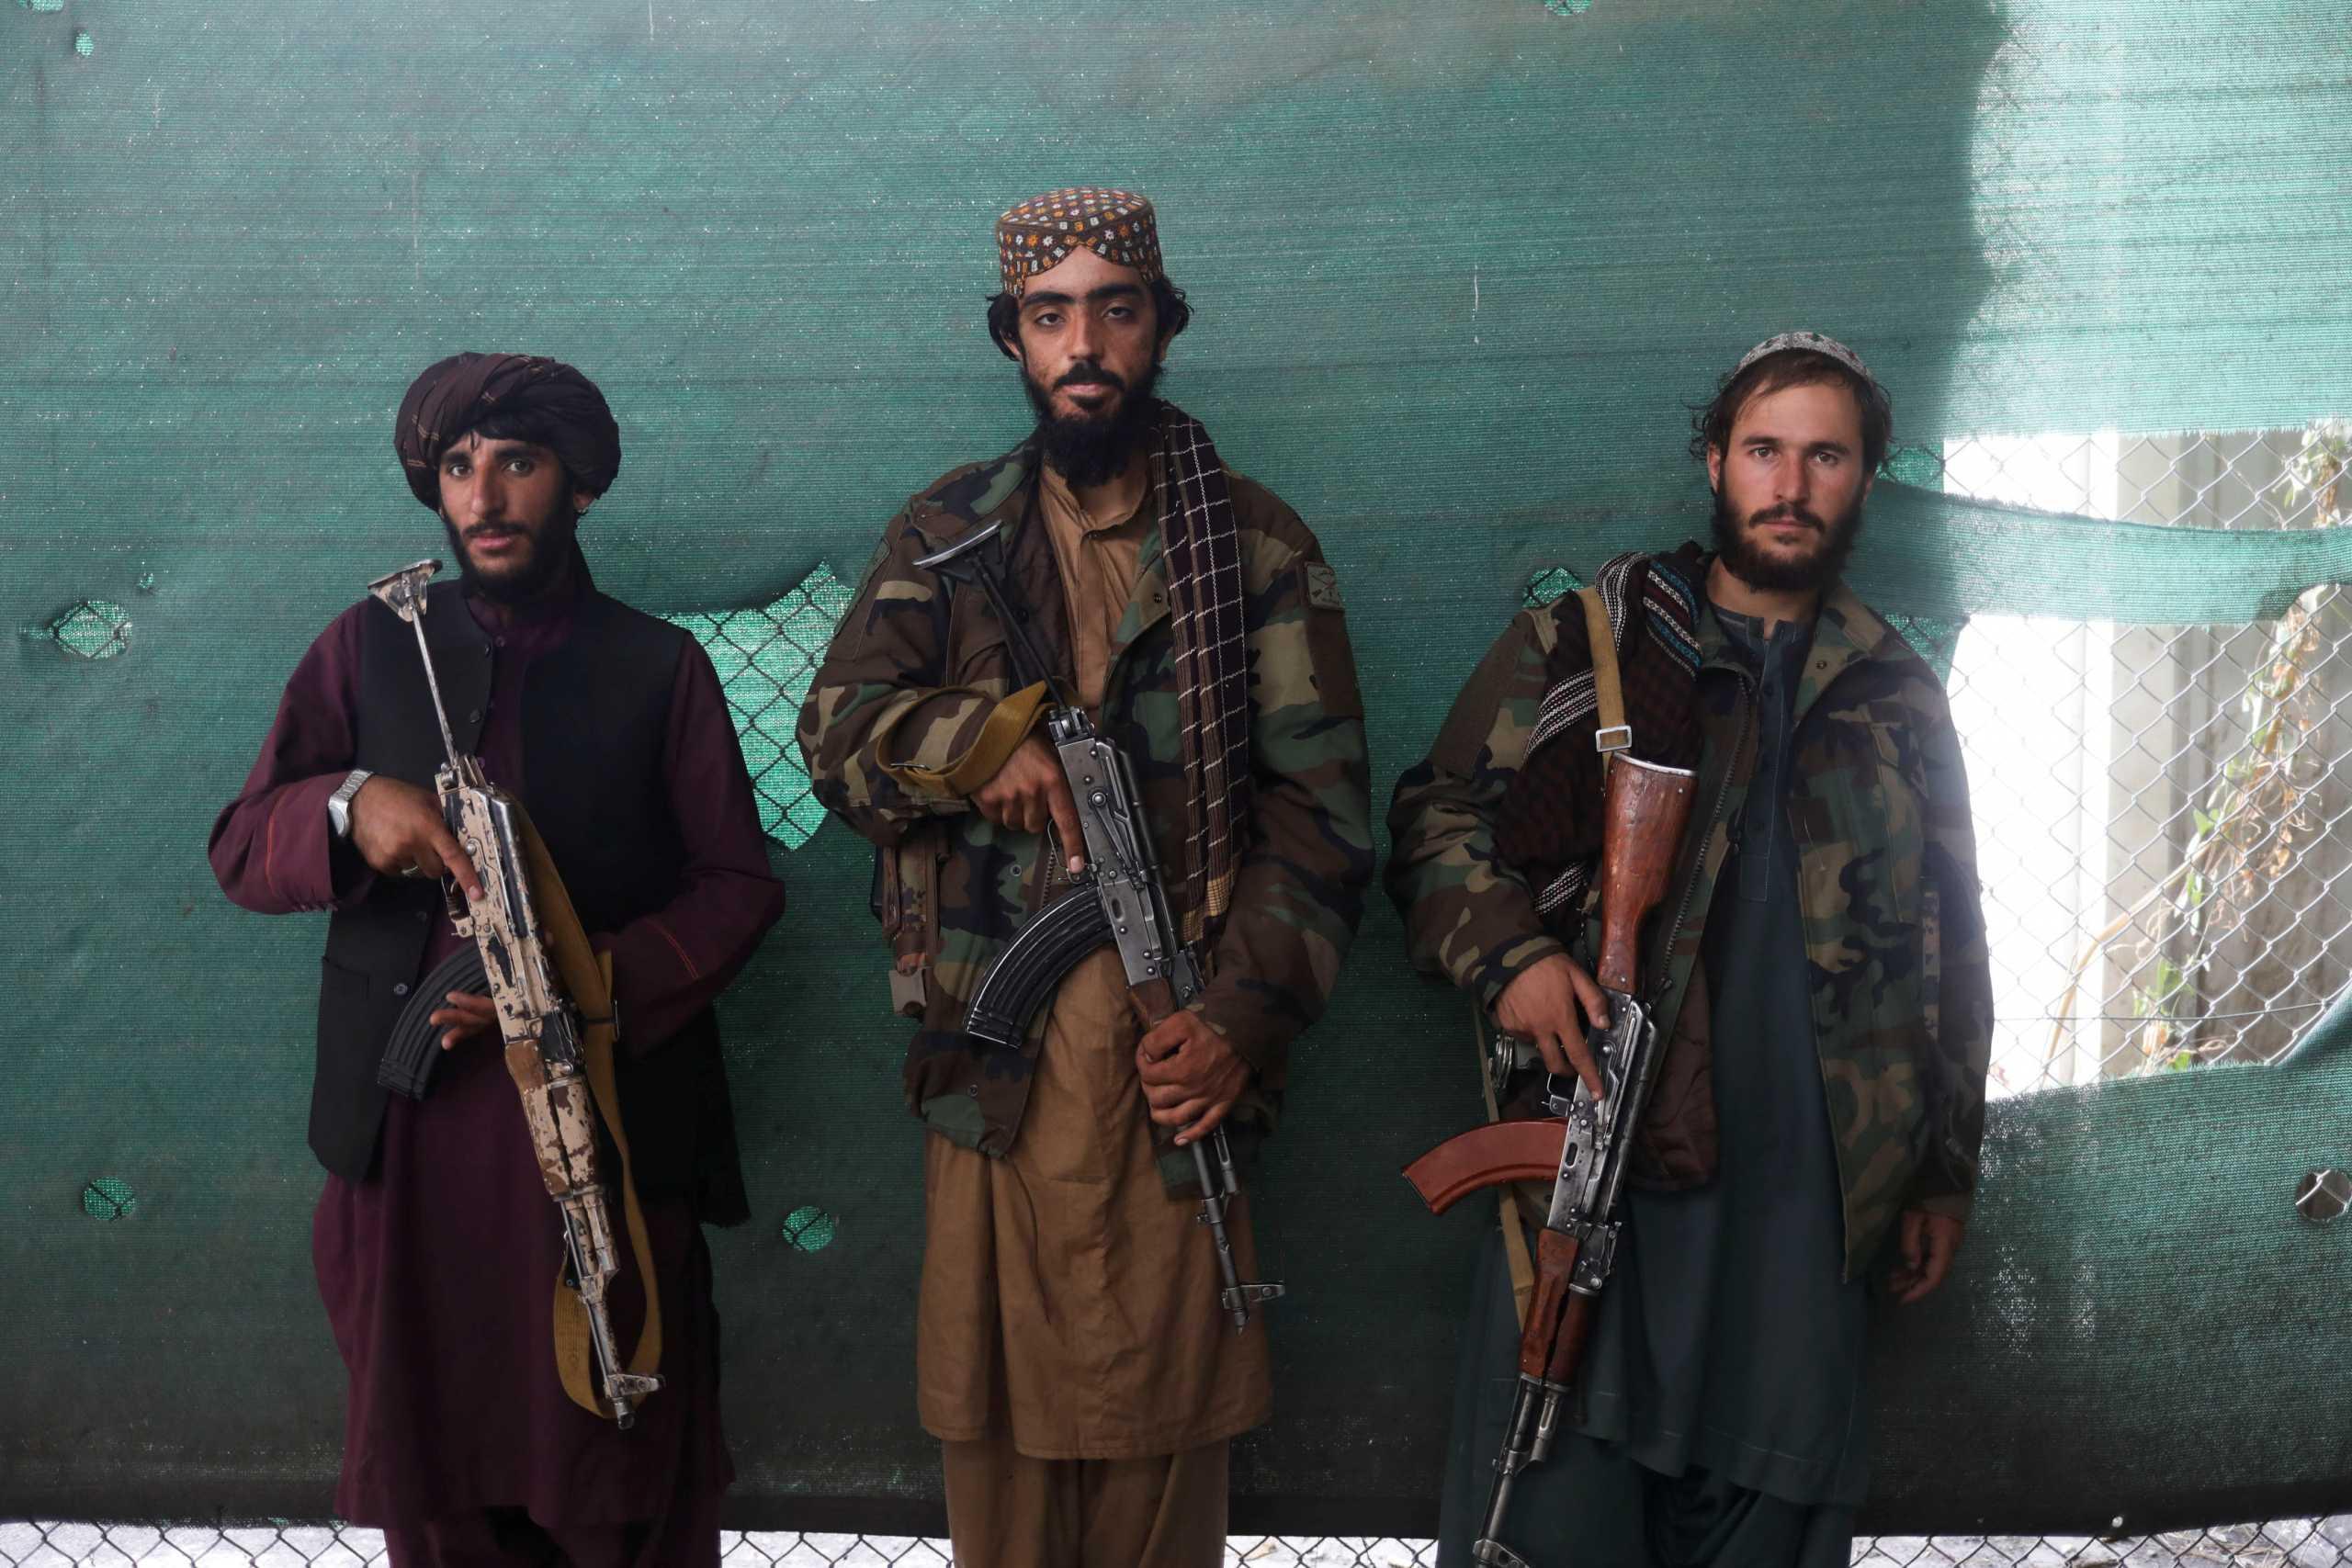 Οι Ταλιμπάν απαγόρευσαν το ξύρισμα της γενειάδας στο νότιο Αφγανιστάν